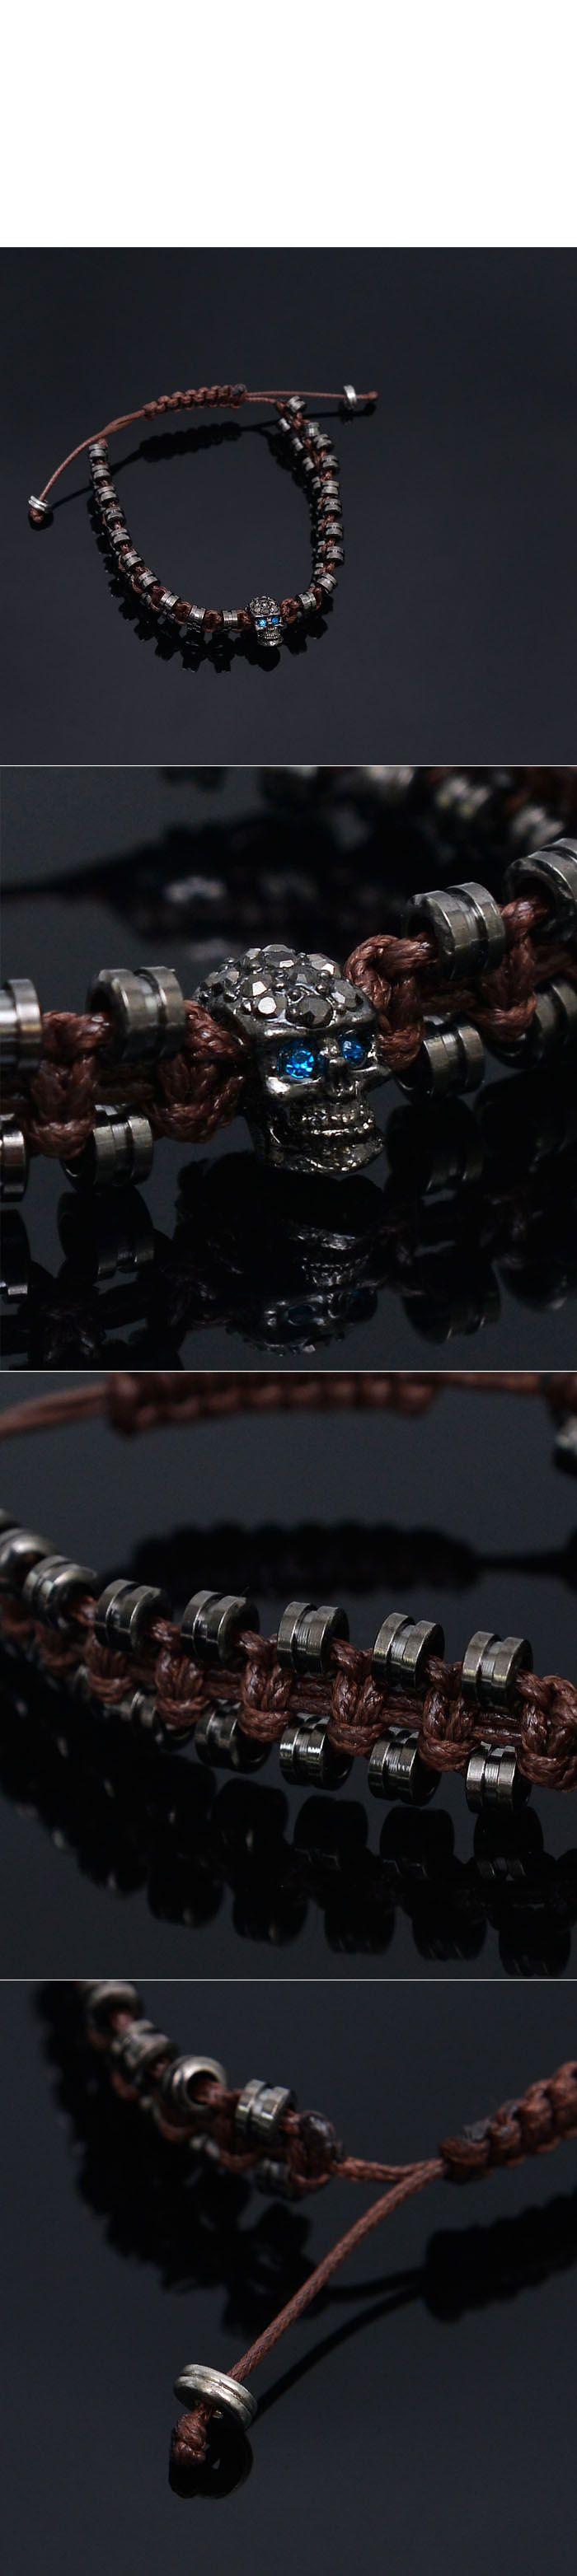 Blue Eye Robot Skull Cyber Cuff-Bracelet 245 - GUYLOOK